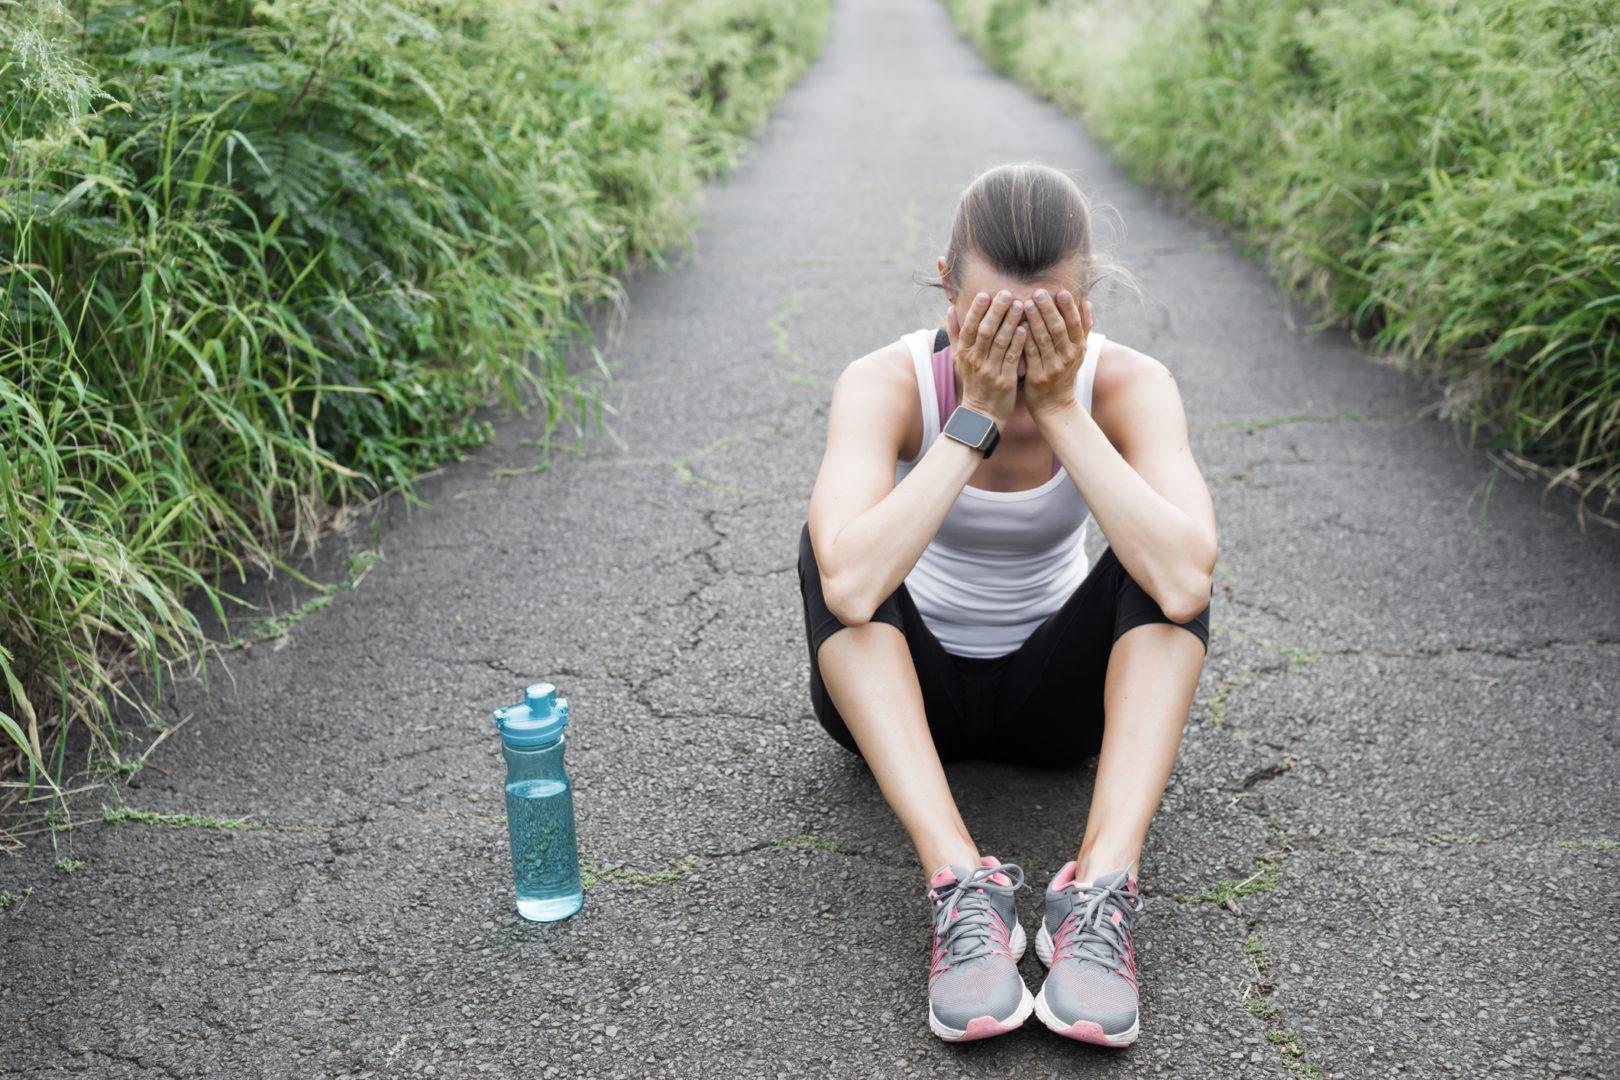 Письмо журнала Марафонец: Как бег помогает бороться со стрессом